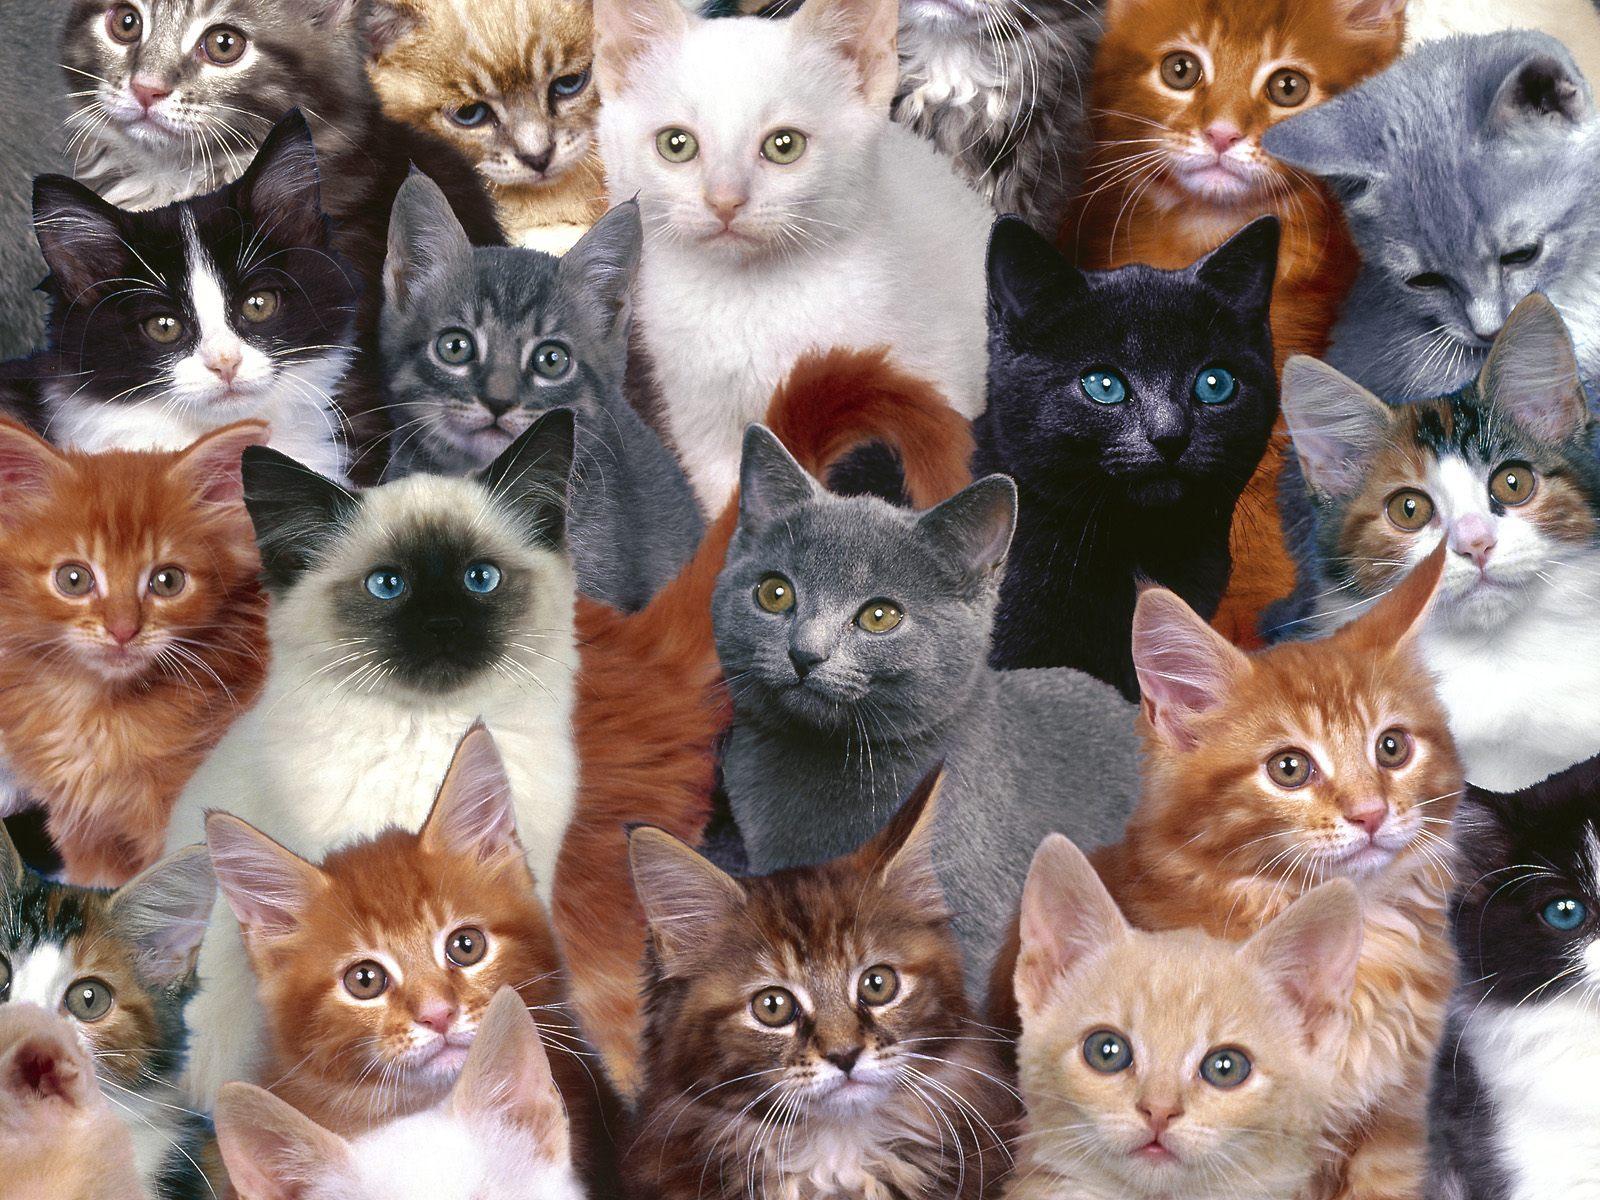 【图片欣赏】可爱的猫儿 - 静中有动 - 静中有动的休闲屋